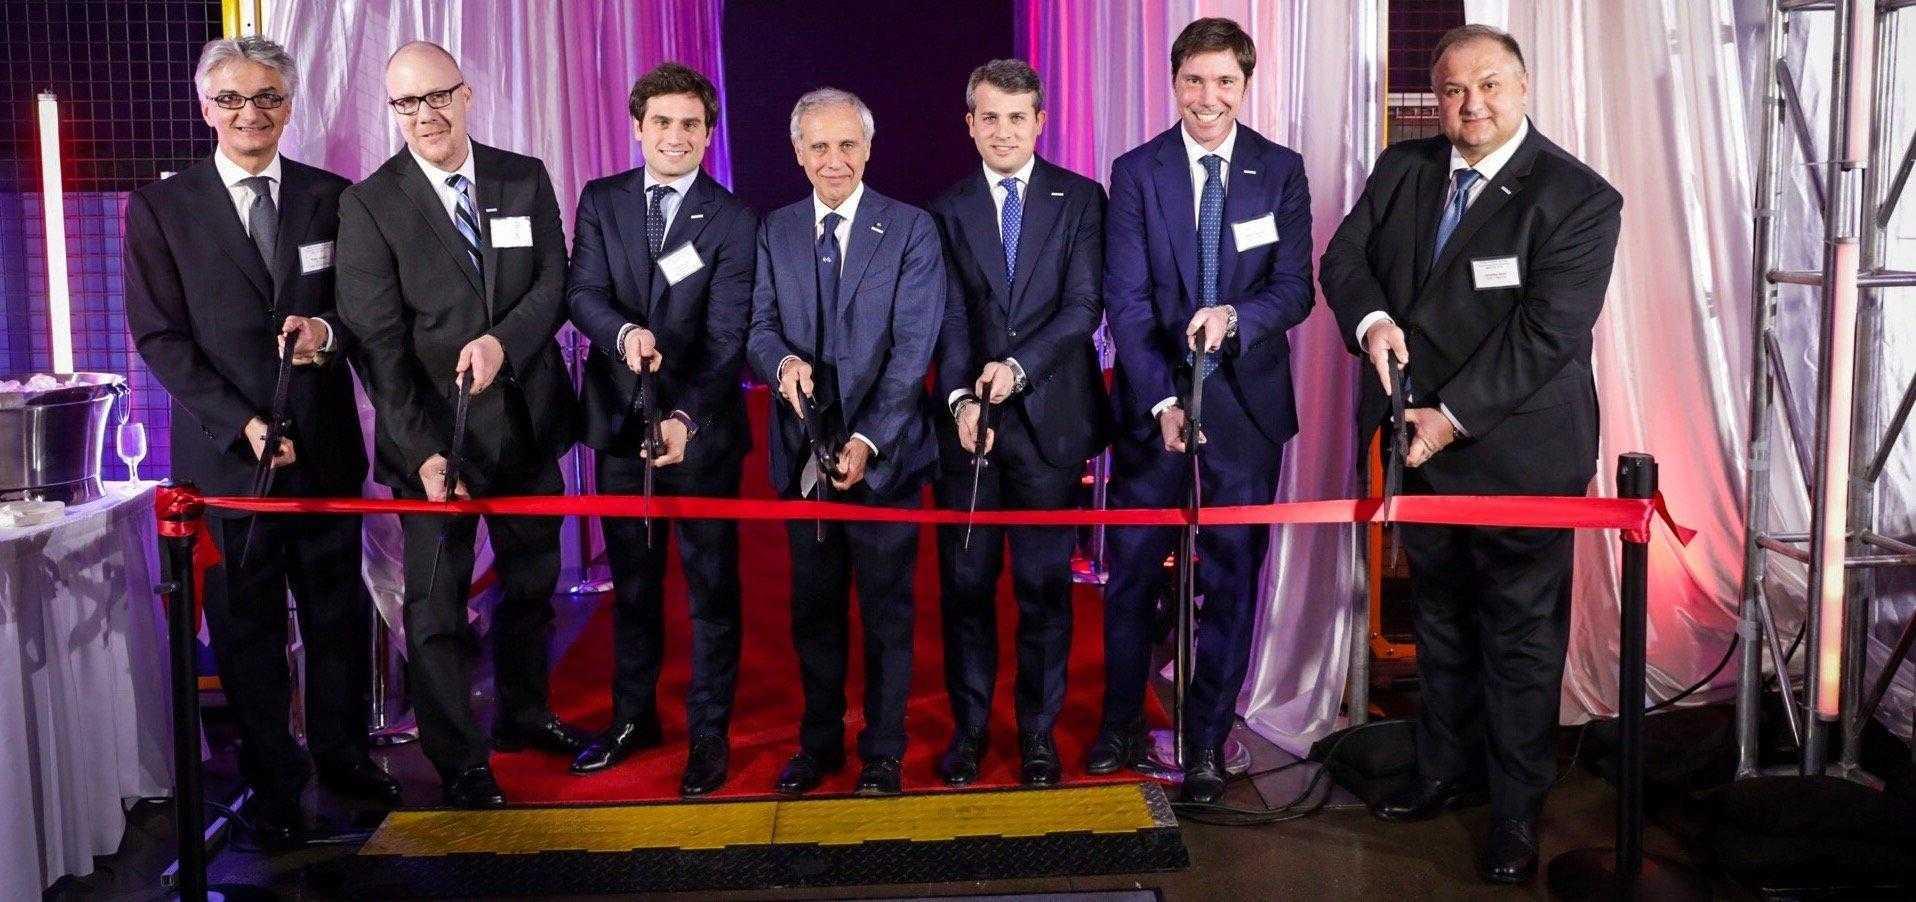 Il nuovo stabilimento Industria 4.0 di Adler Pelzer Group